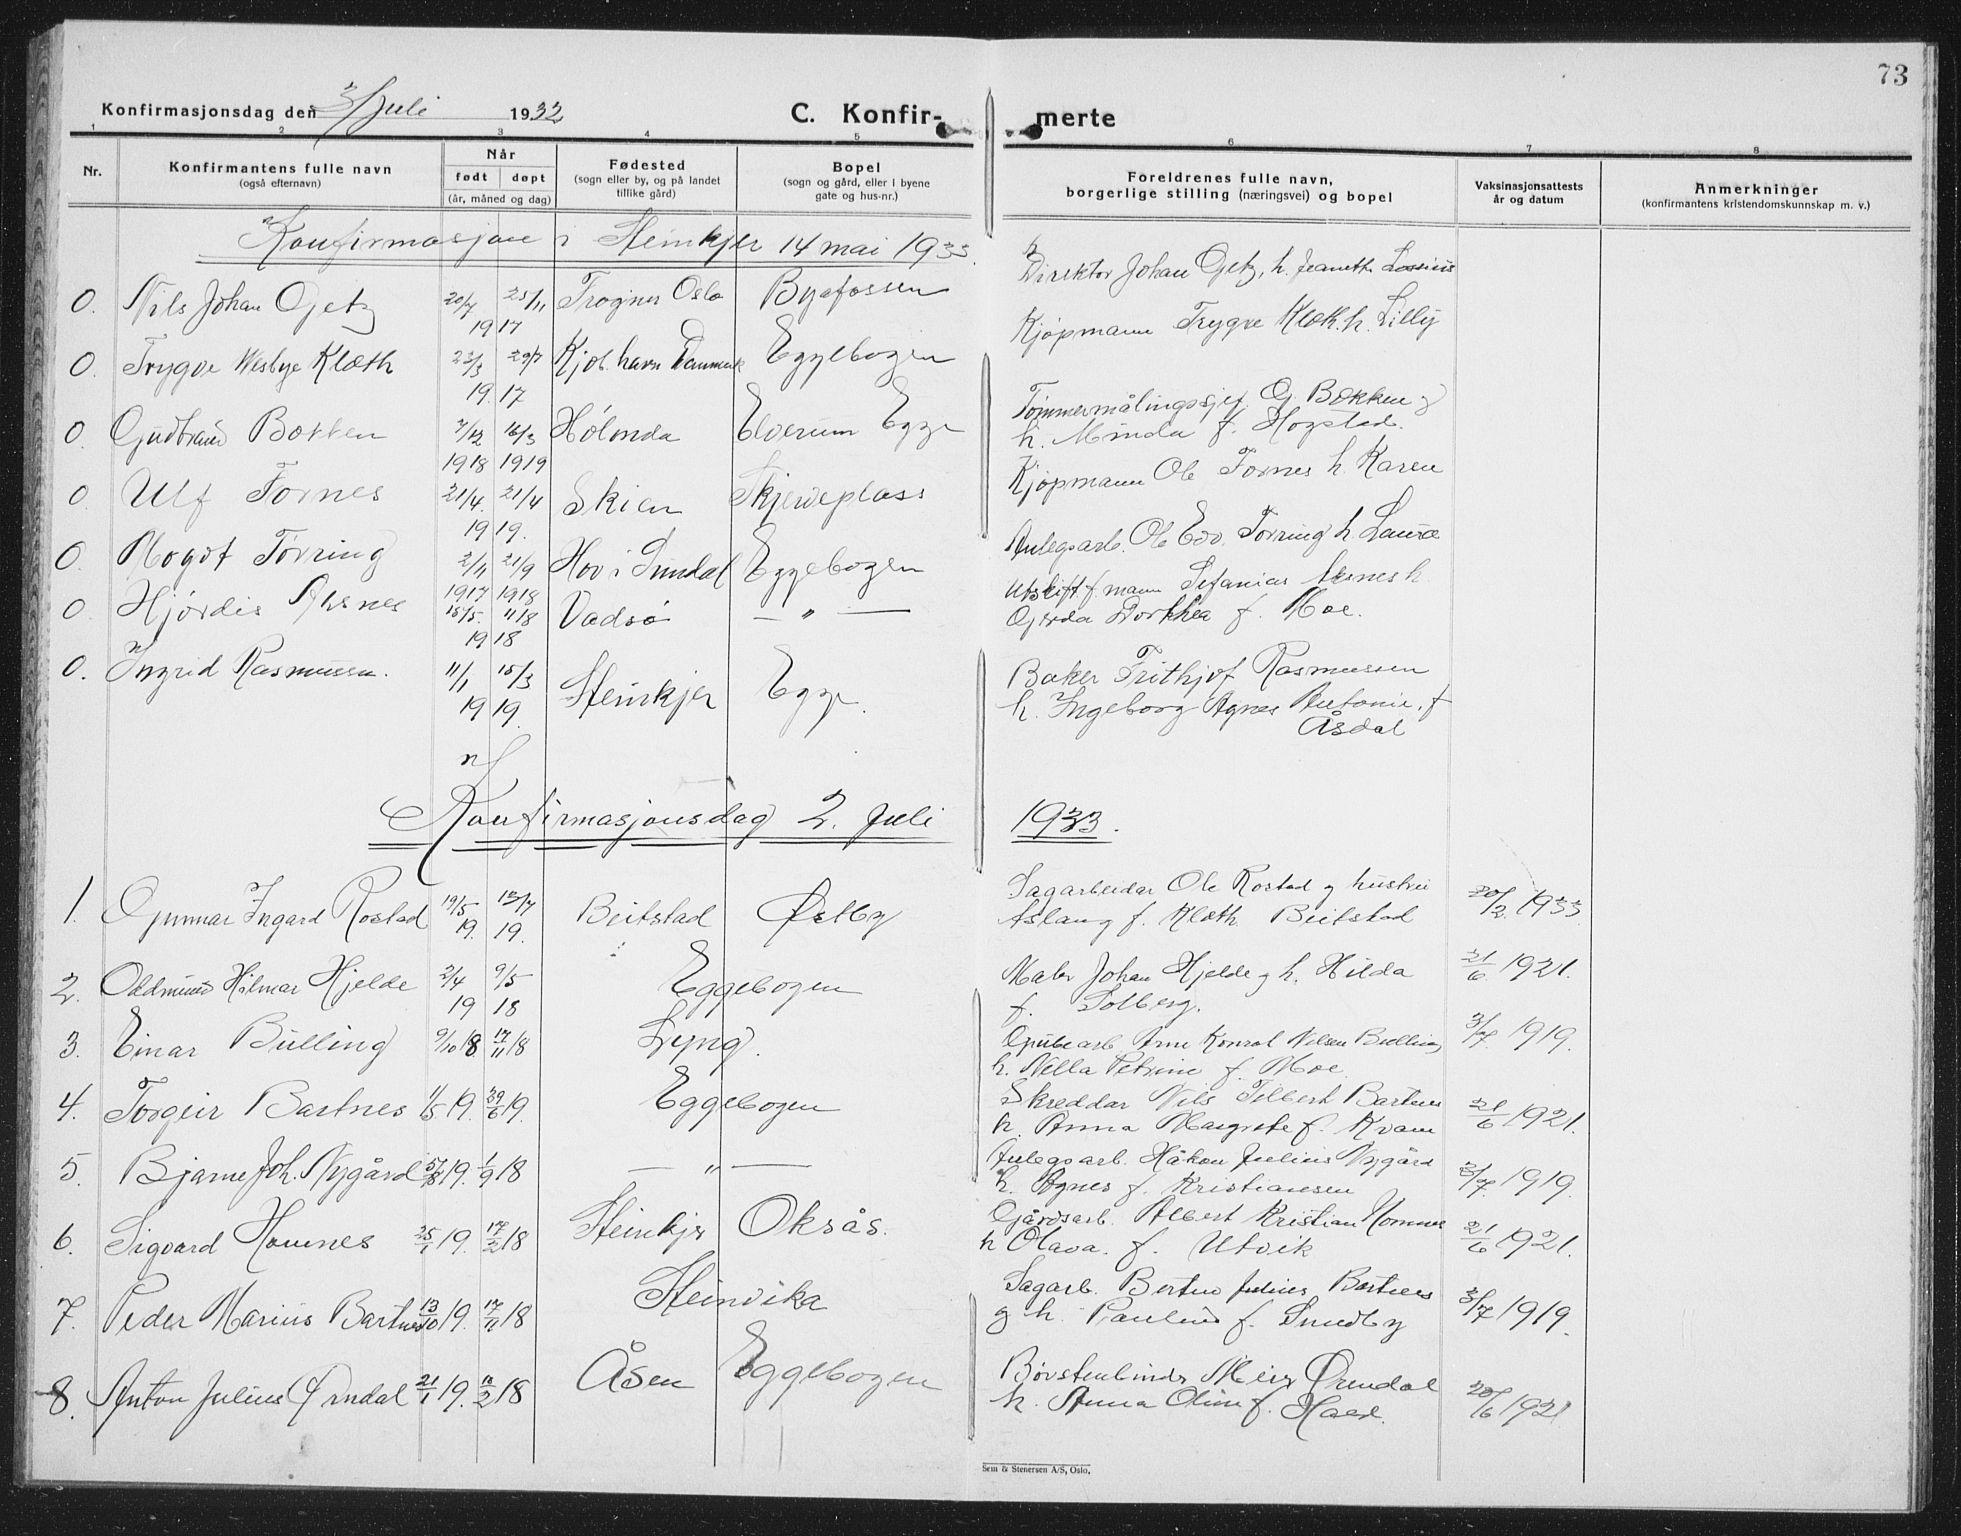 SAT, Ministerialprotokoller, klokkerbøker og fødselsregistre - Nord-Trøndelag, 740/L0383: Klokkerbok nr. 740C04, 1927-1939, s. 73